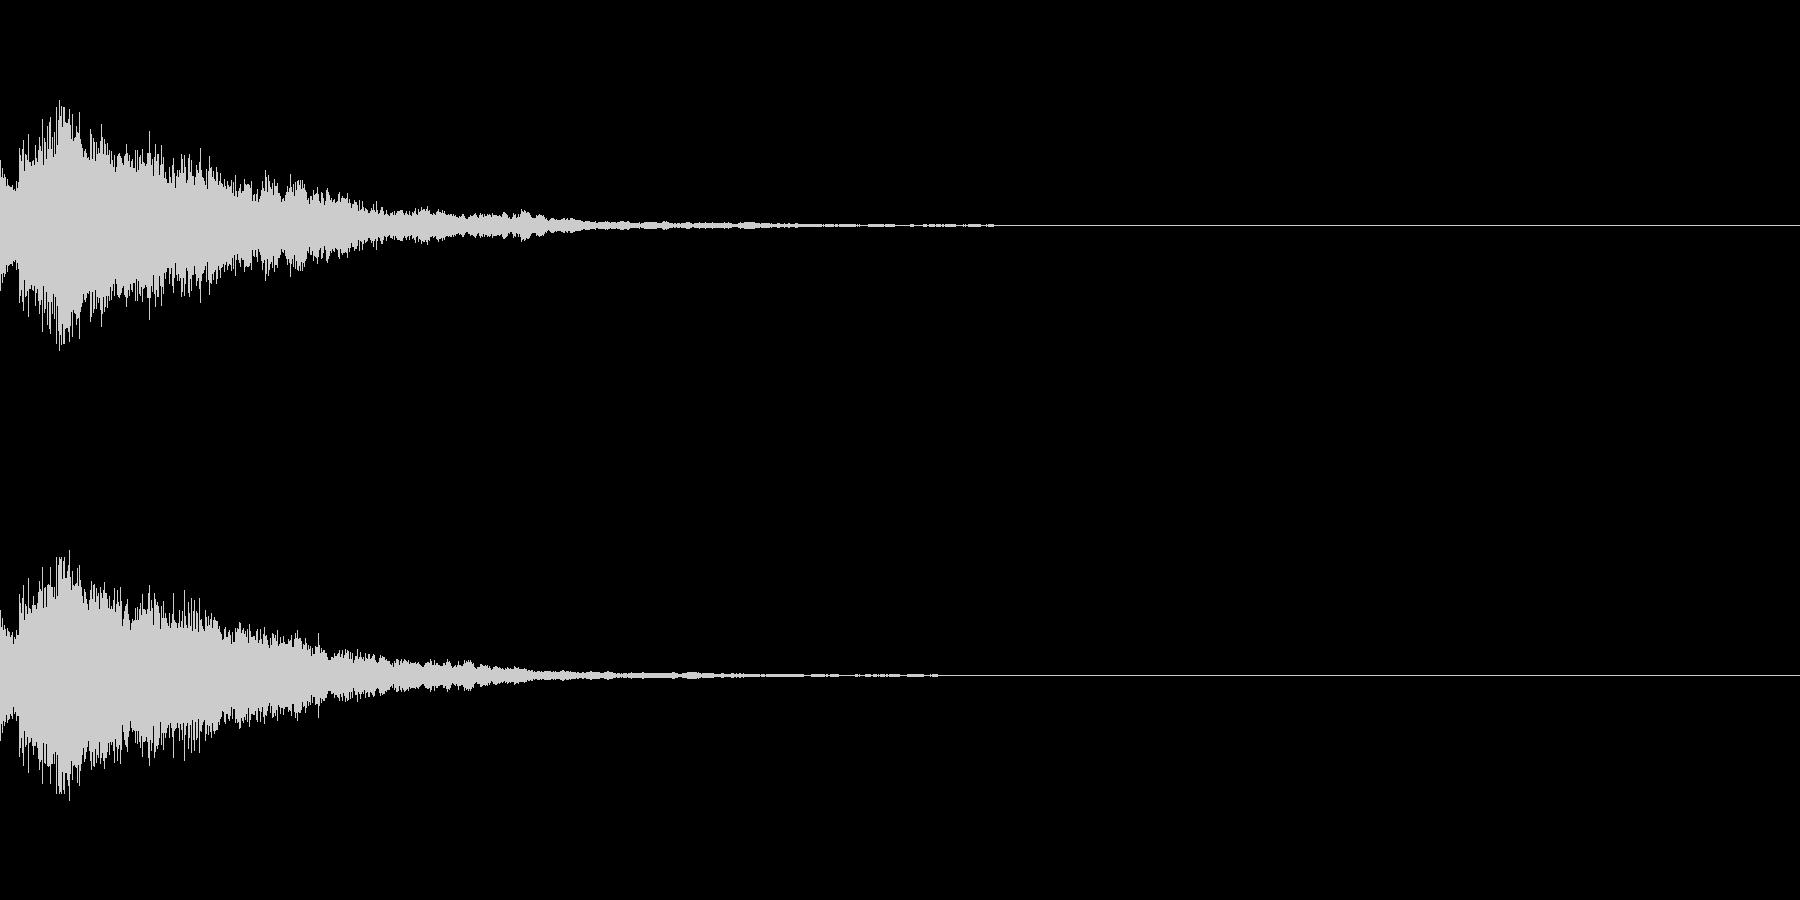 システム起動音_その2の未再生の波形